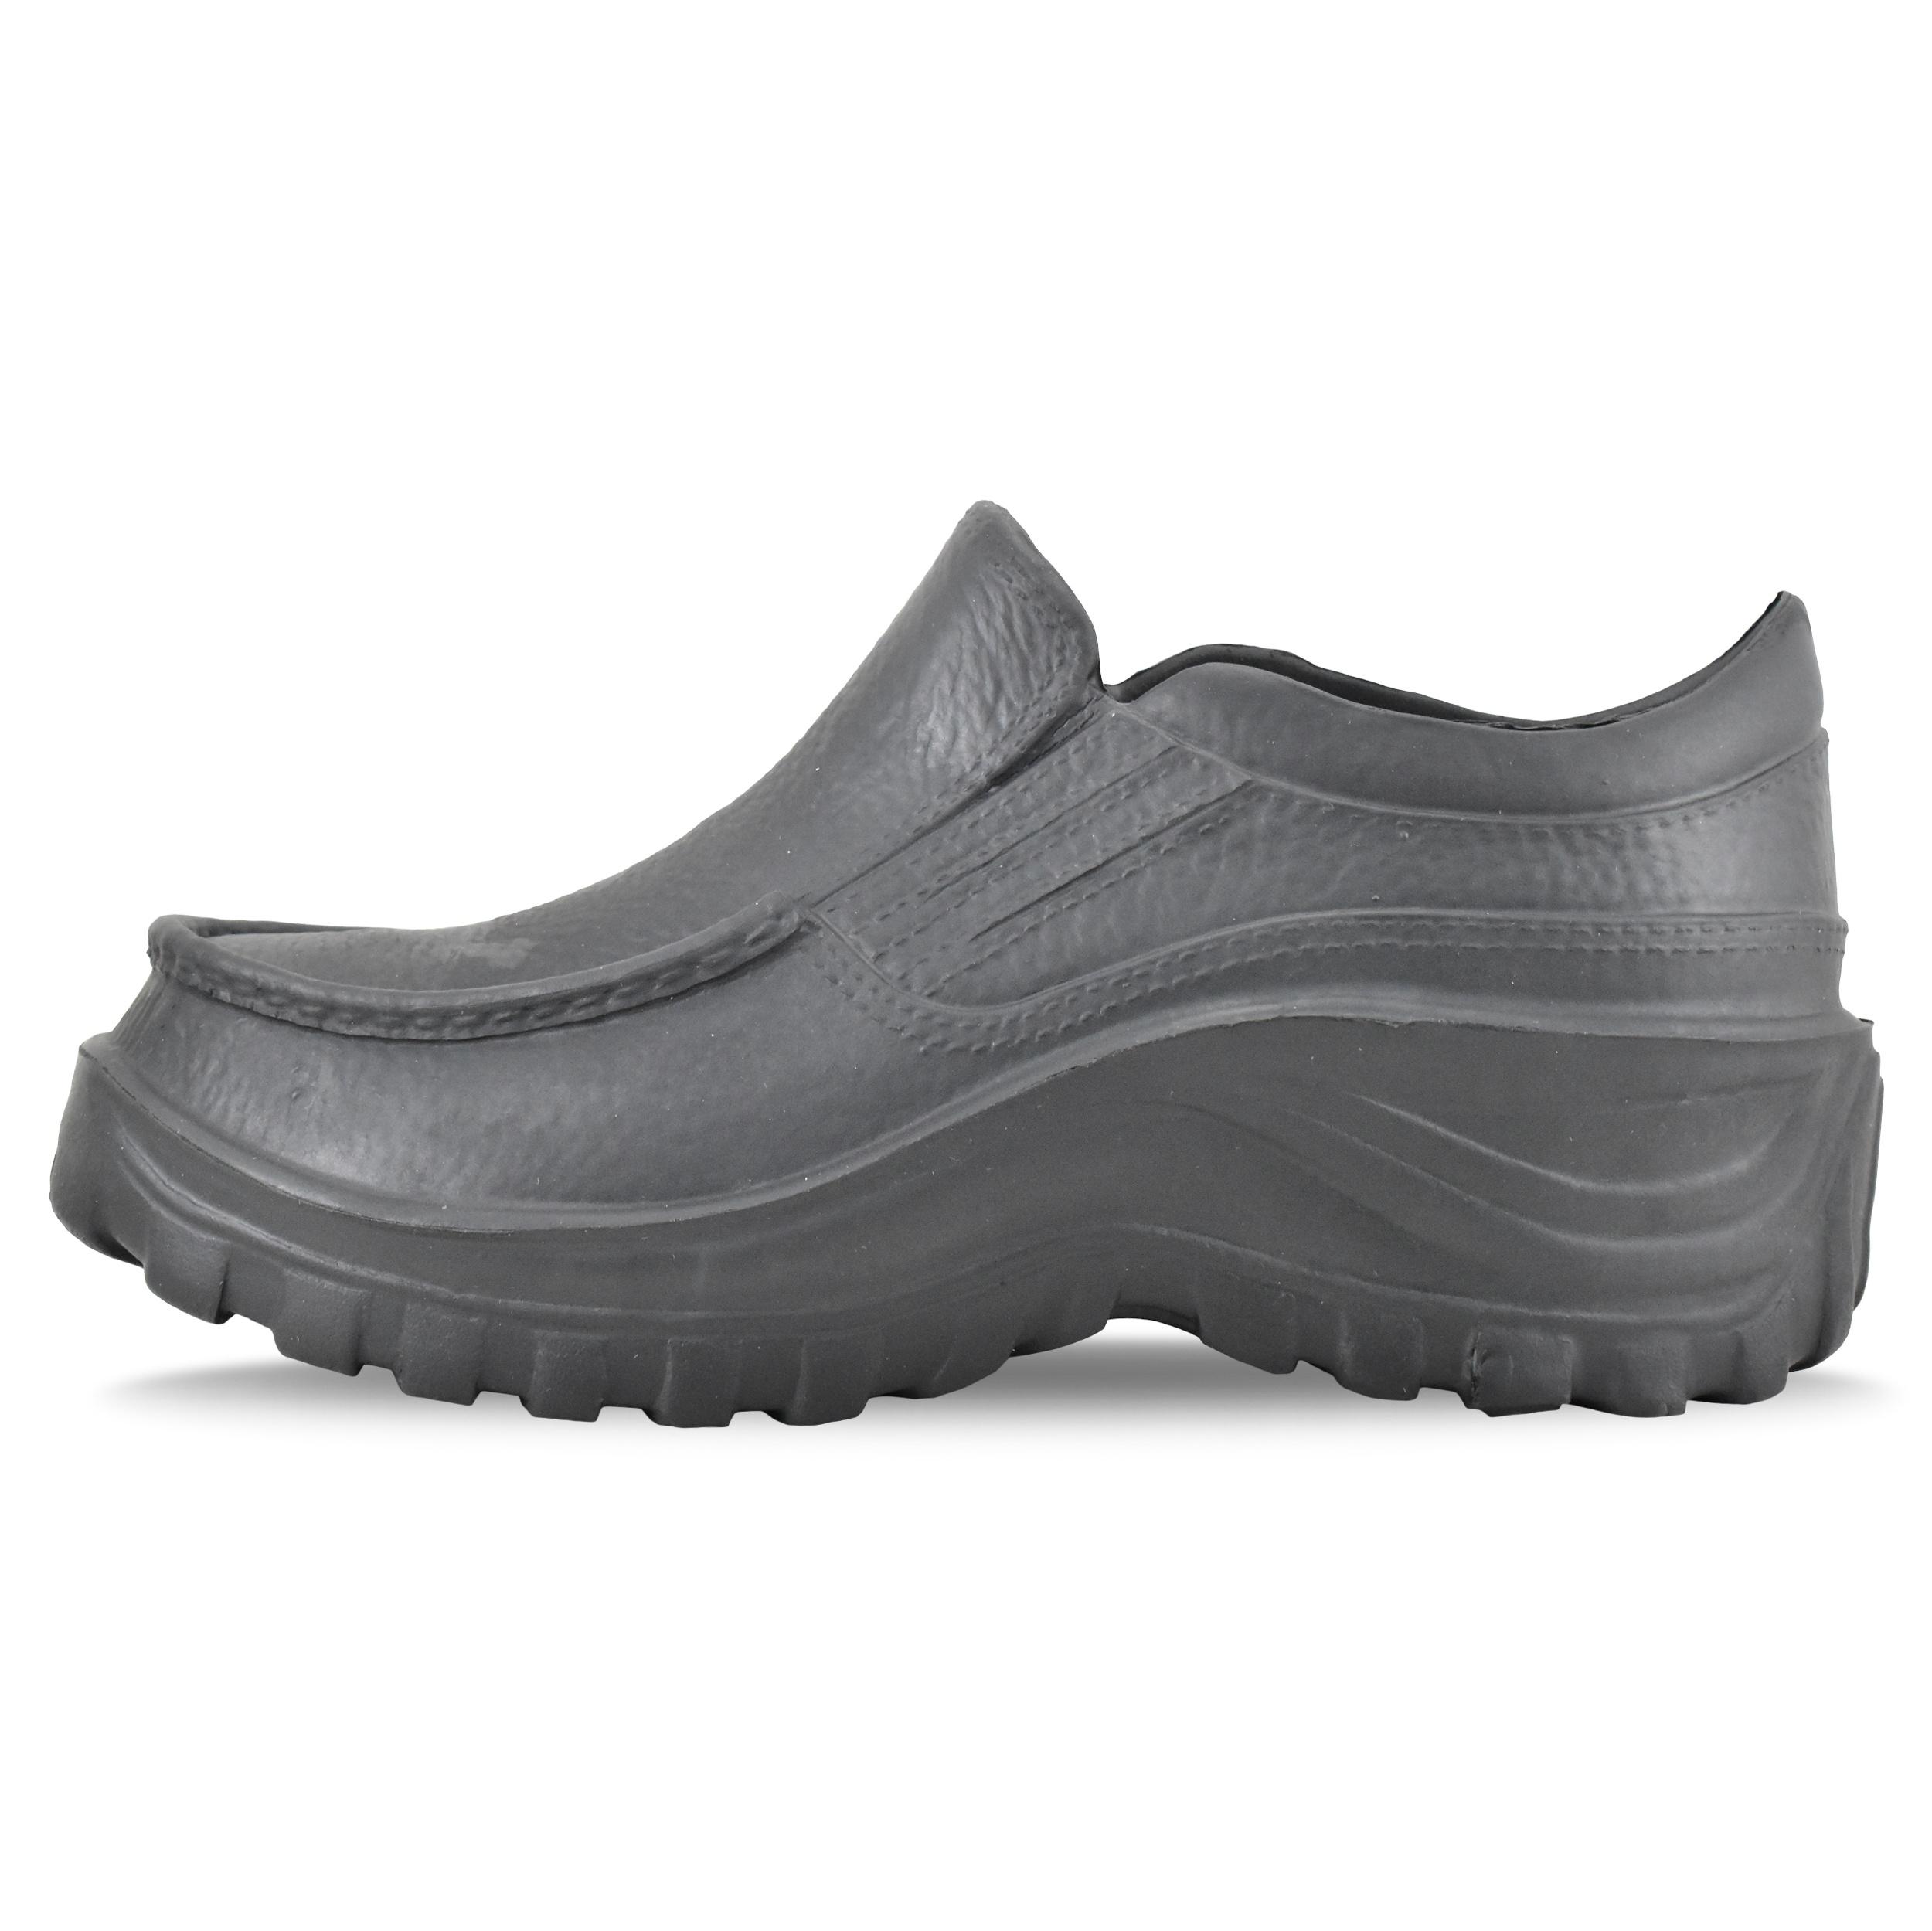 کفش روزمره مردانه مدل باغبان کد 4653